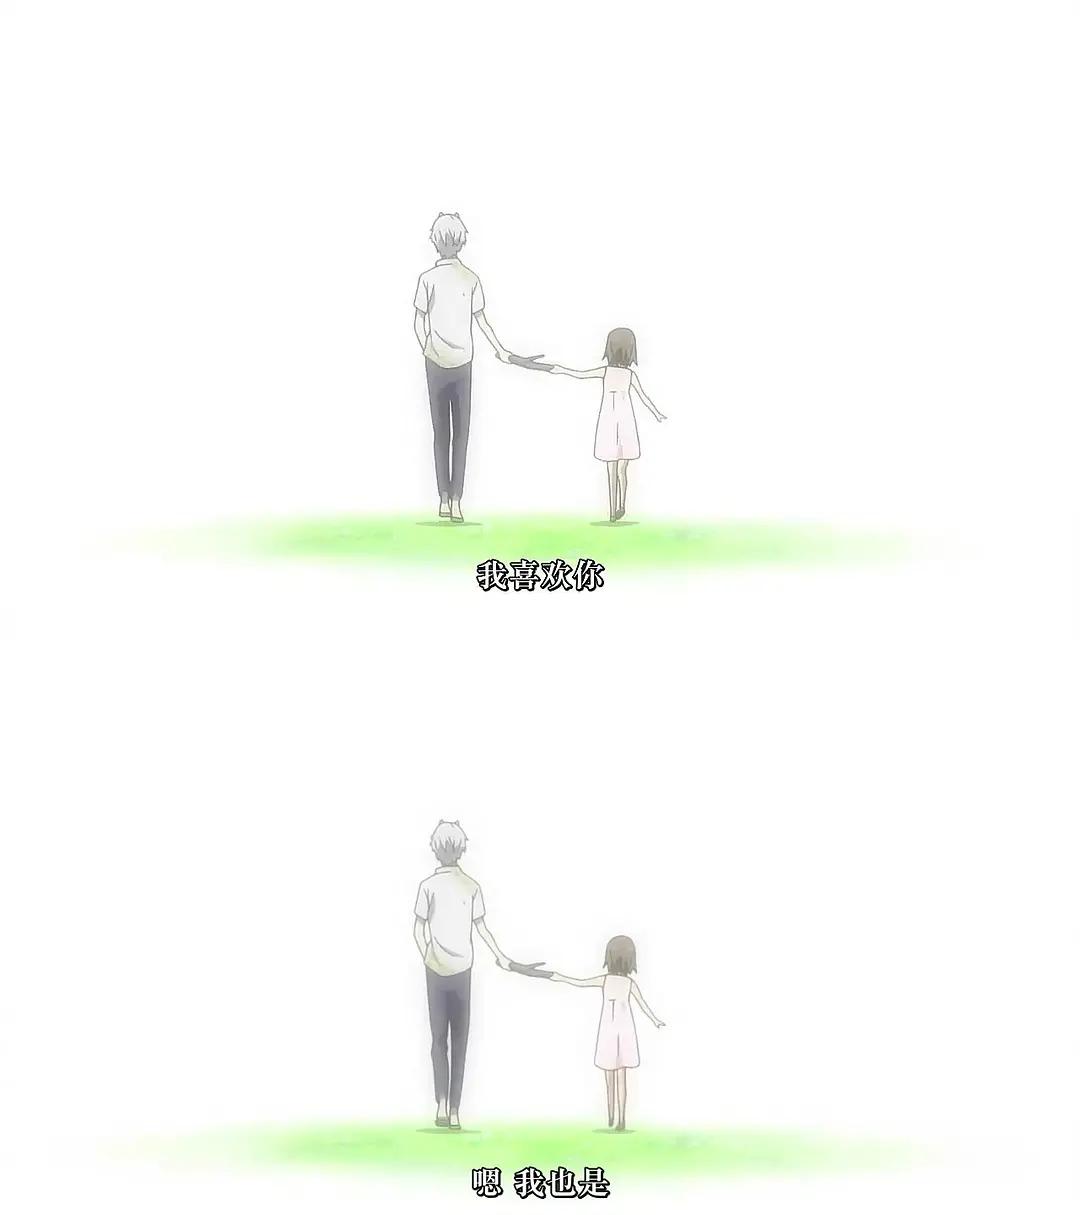 日本爱情动画《萤火之森》如果当一段爱情来临但是又注定它会消失,那你还会决定去爱吗? (10)